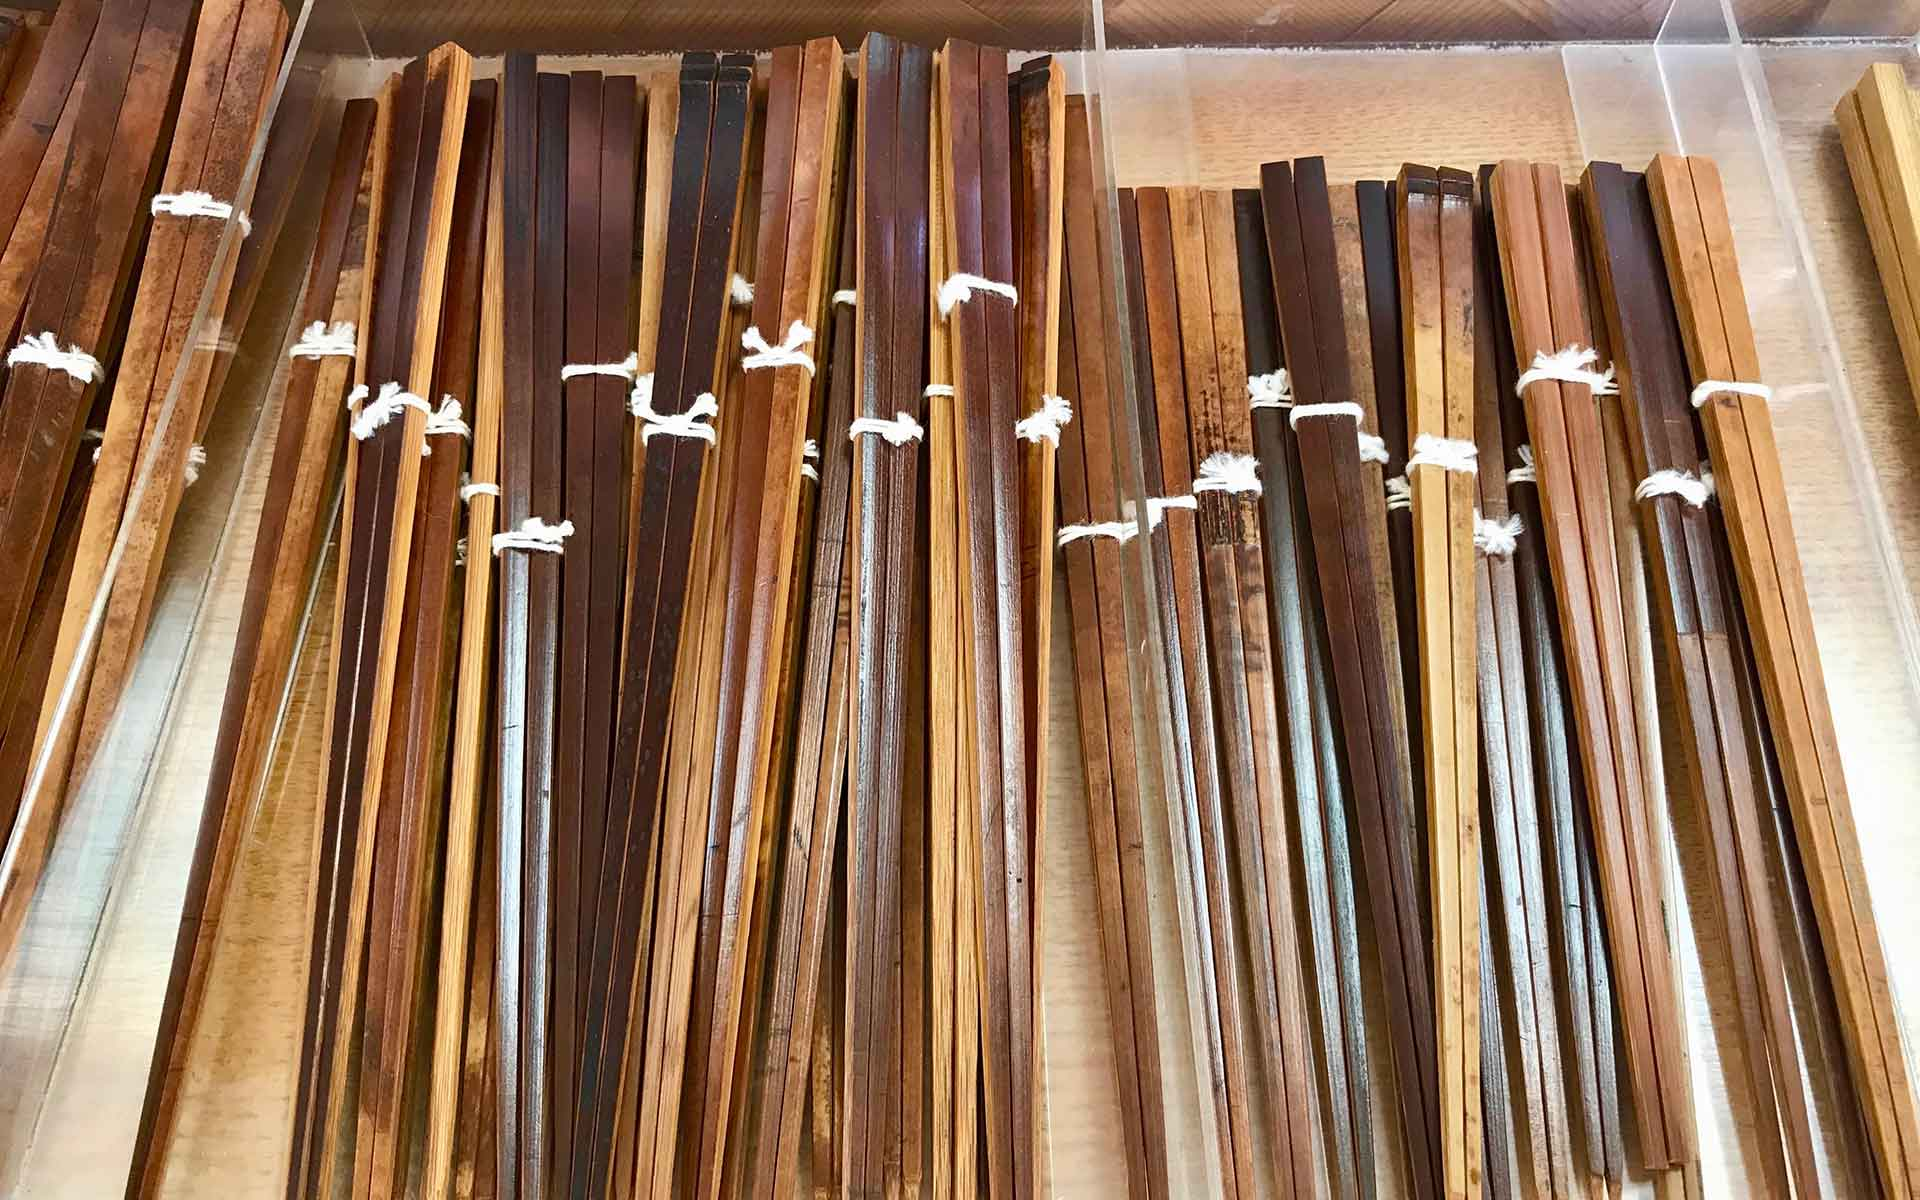 京都で買える好みのお箸。御箸司 市原平兵衞商店の「みやこ箸」